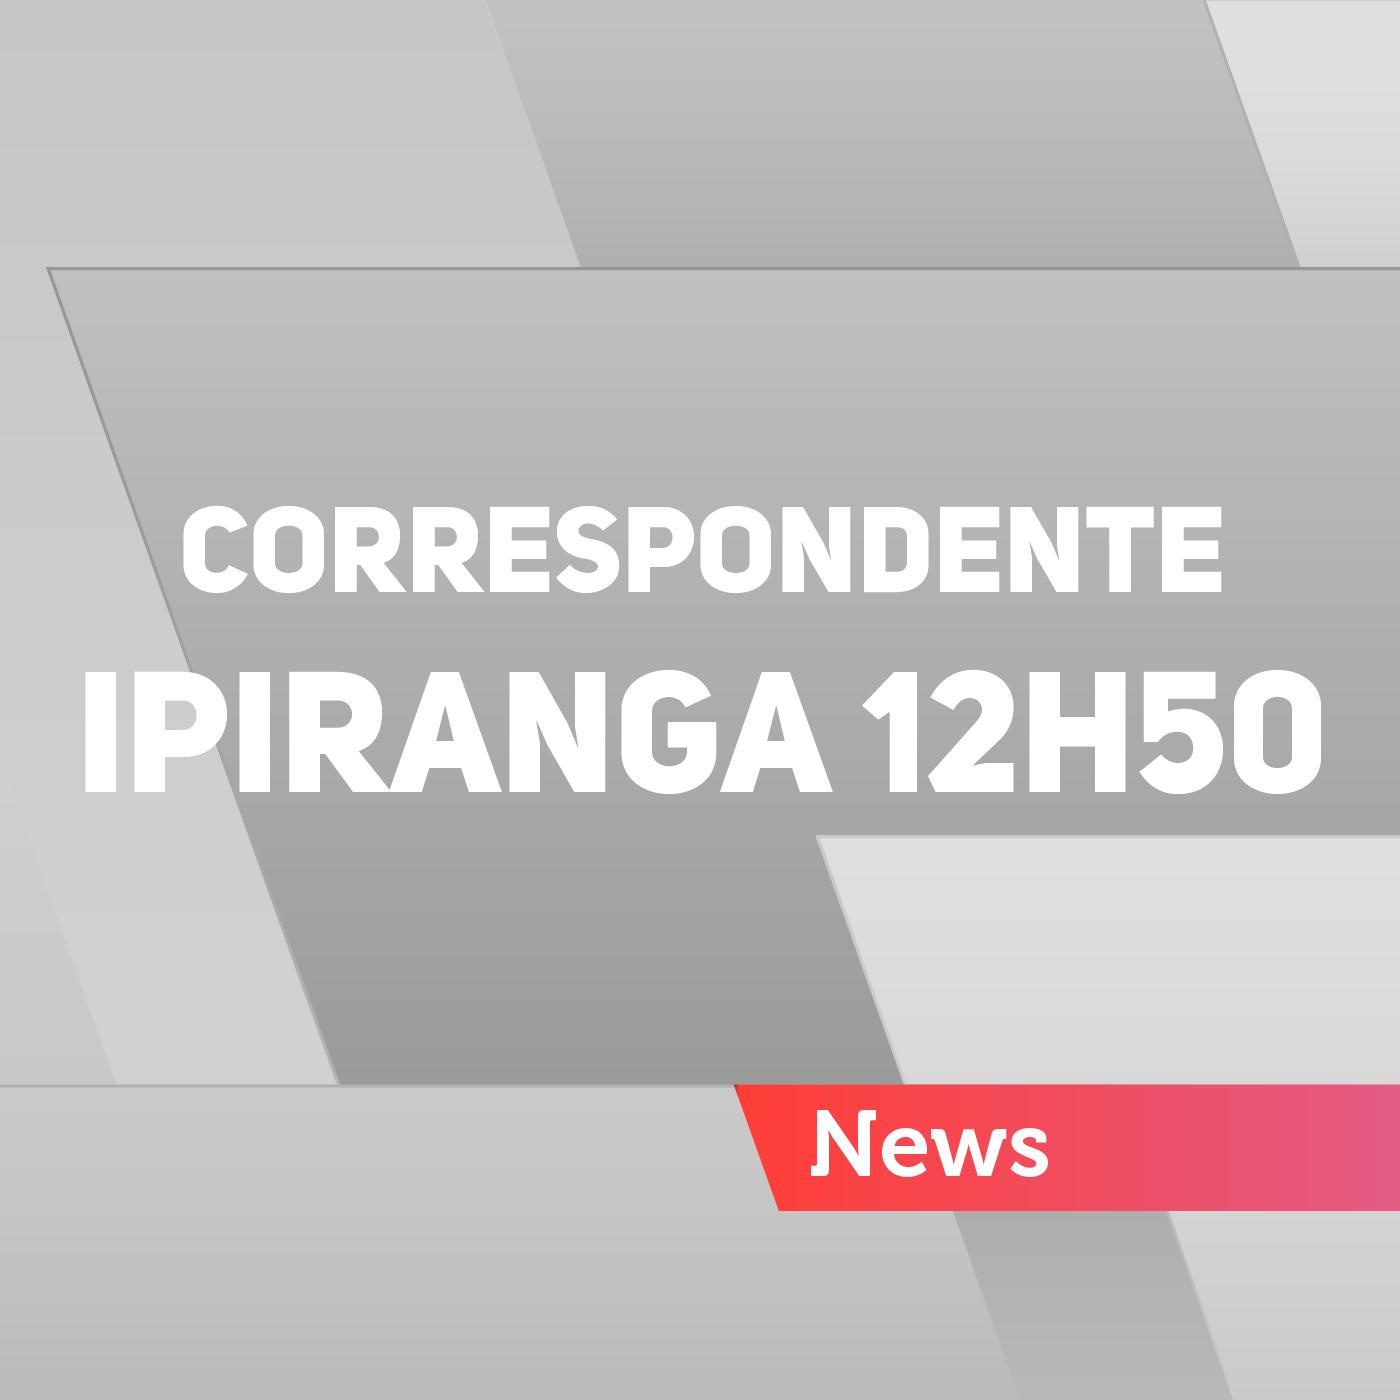 Correspondente Ipiranga 12h50 – 30/04/2017